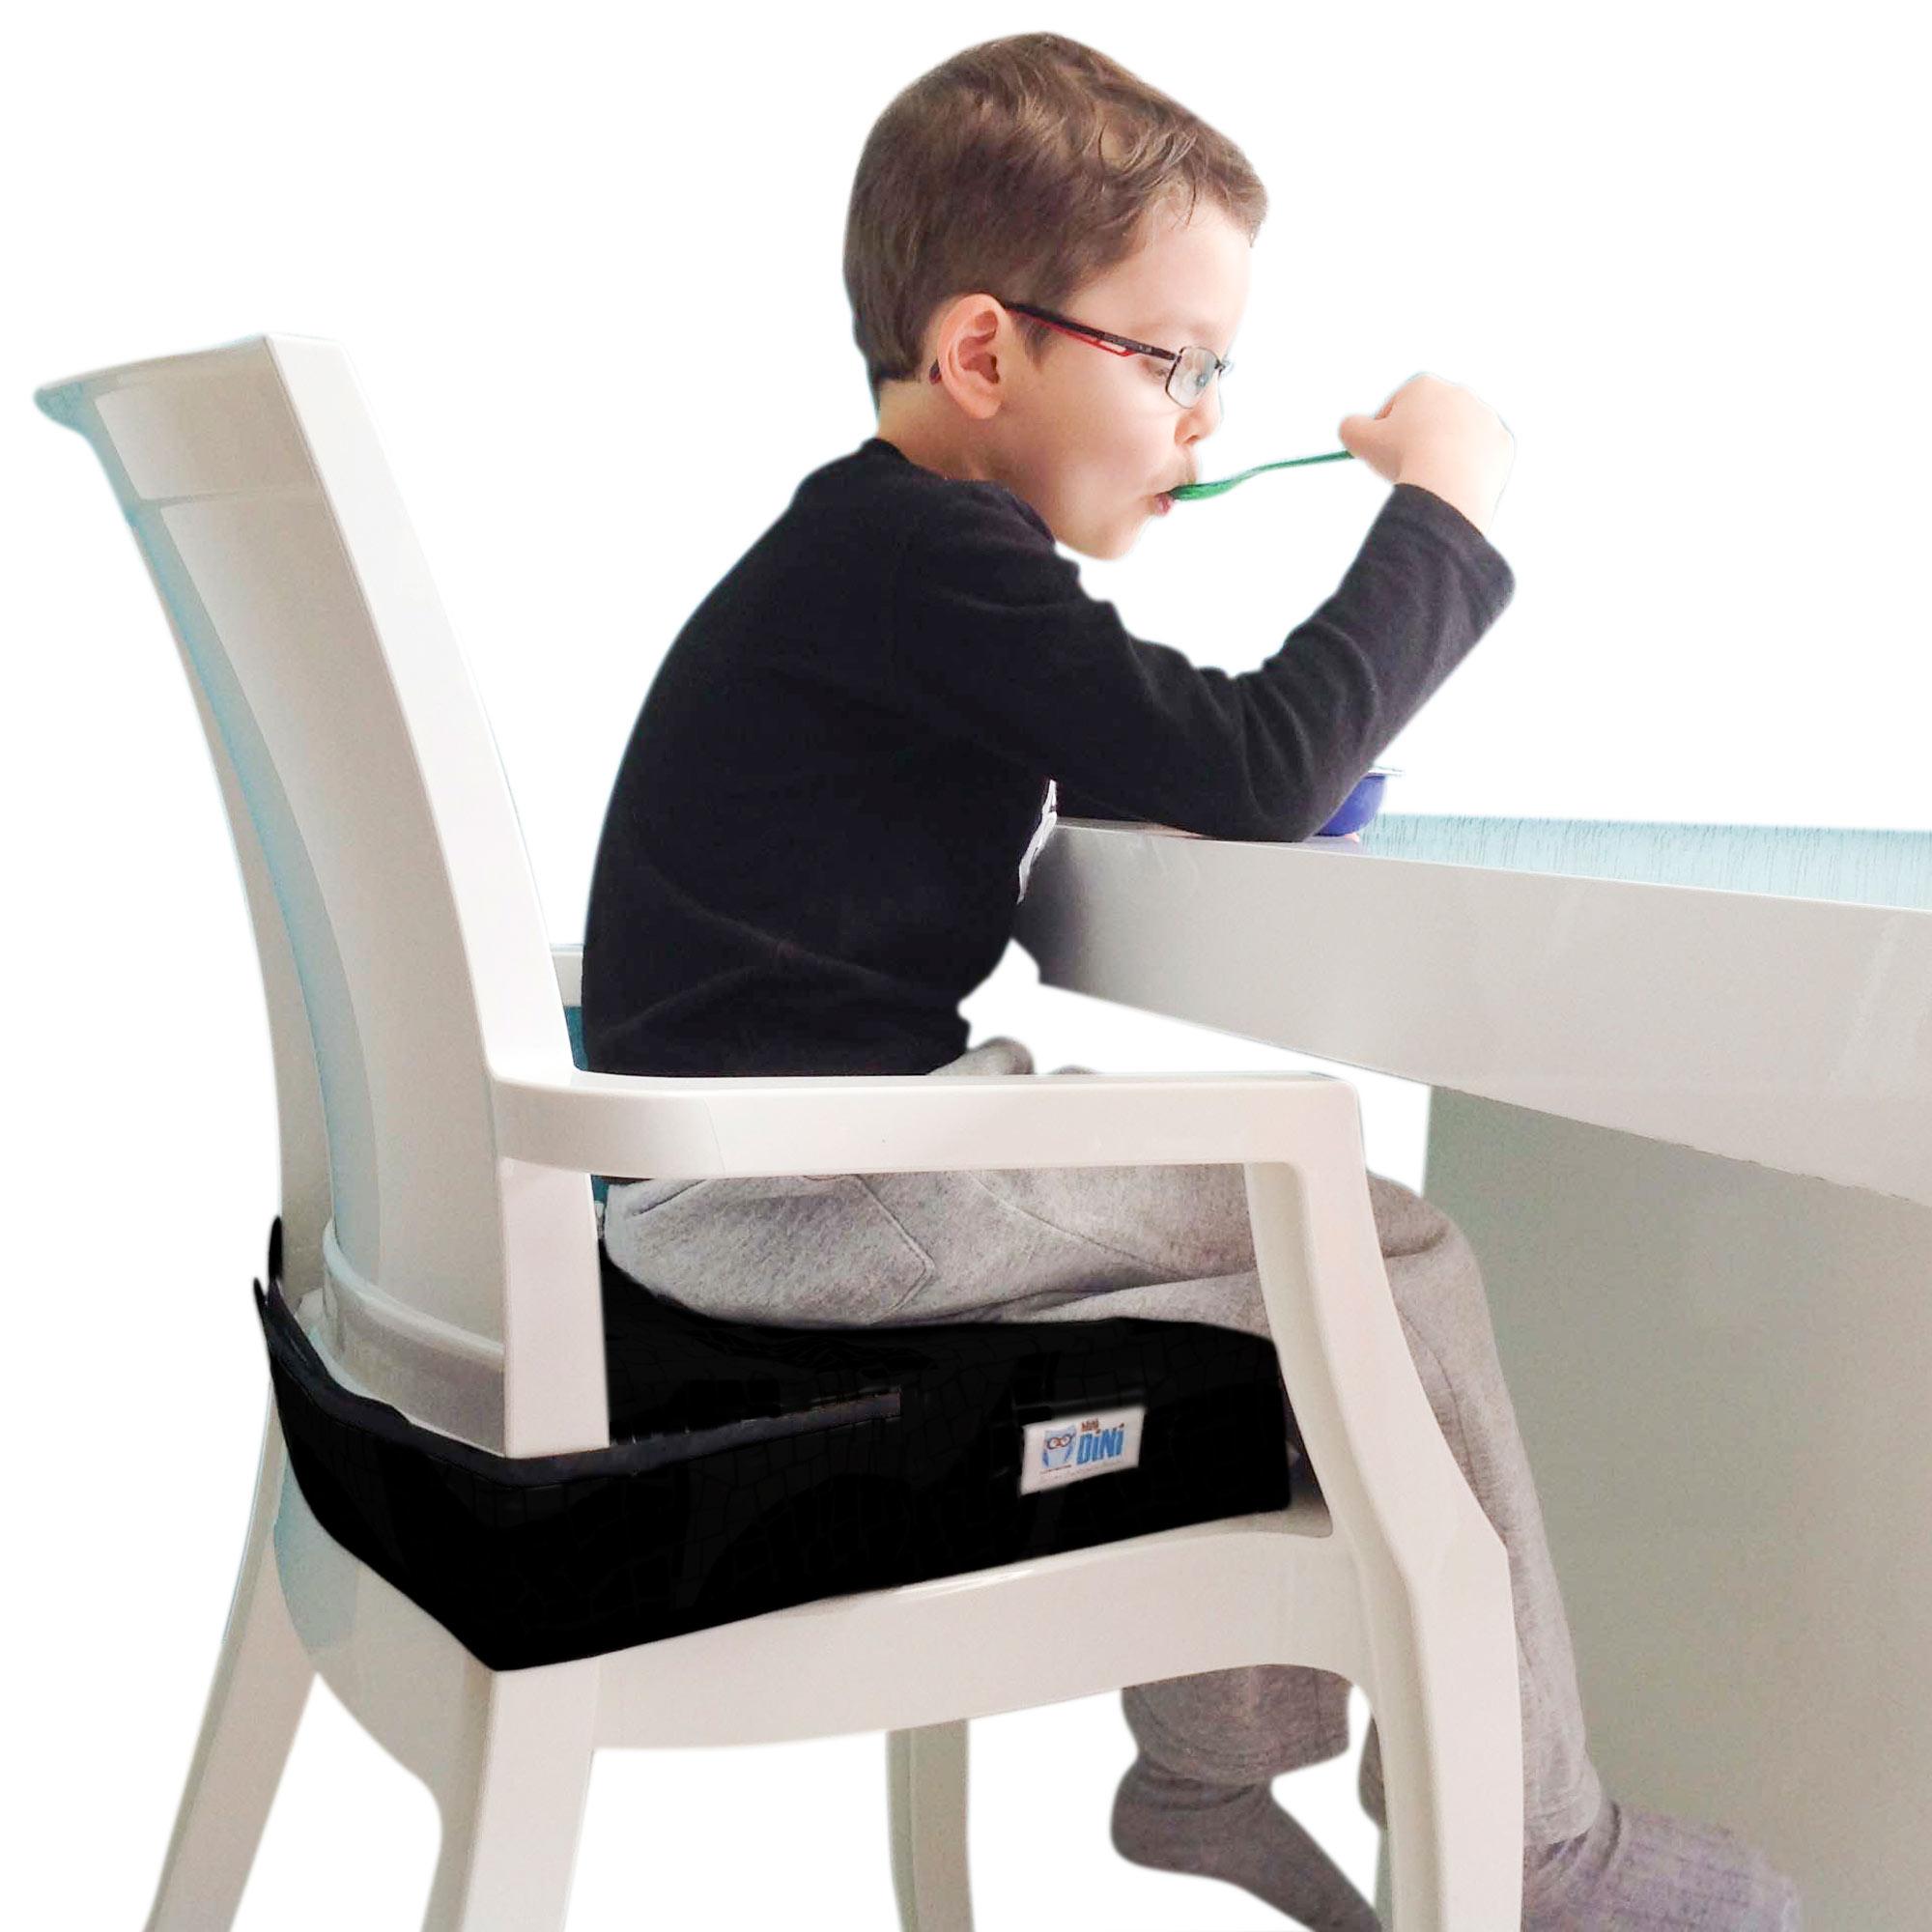 GranDini - Assento de elevação para crianças - cadeirão para bebês - Preto Liso